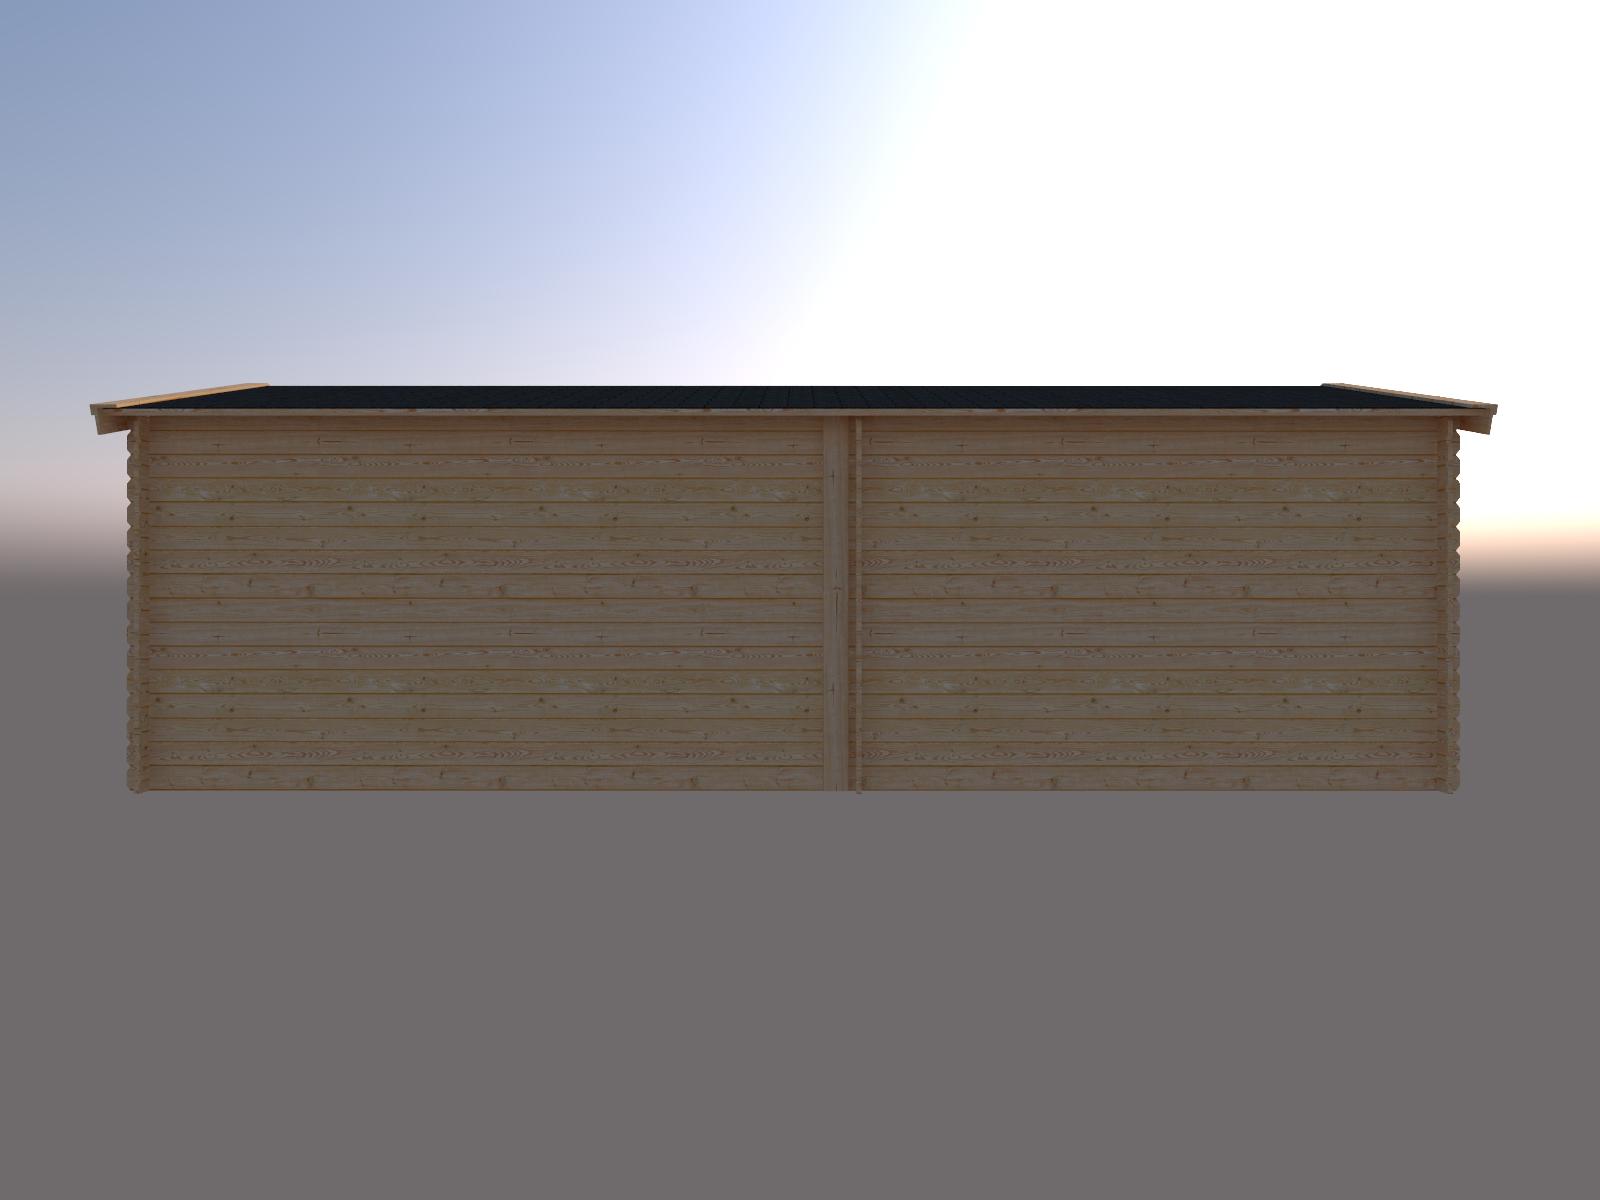 DWF Blokhut met overkapping zadeldak 350 x 300 + 400cm